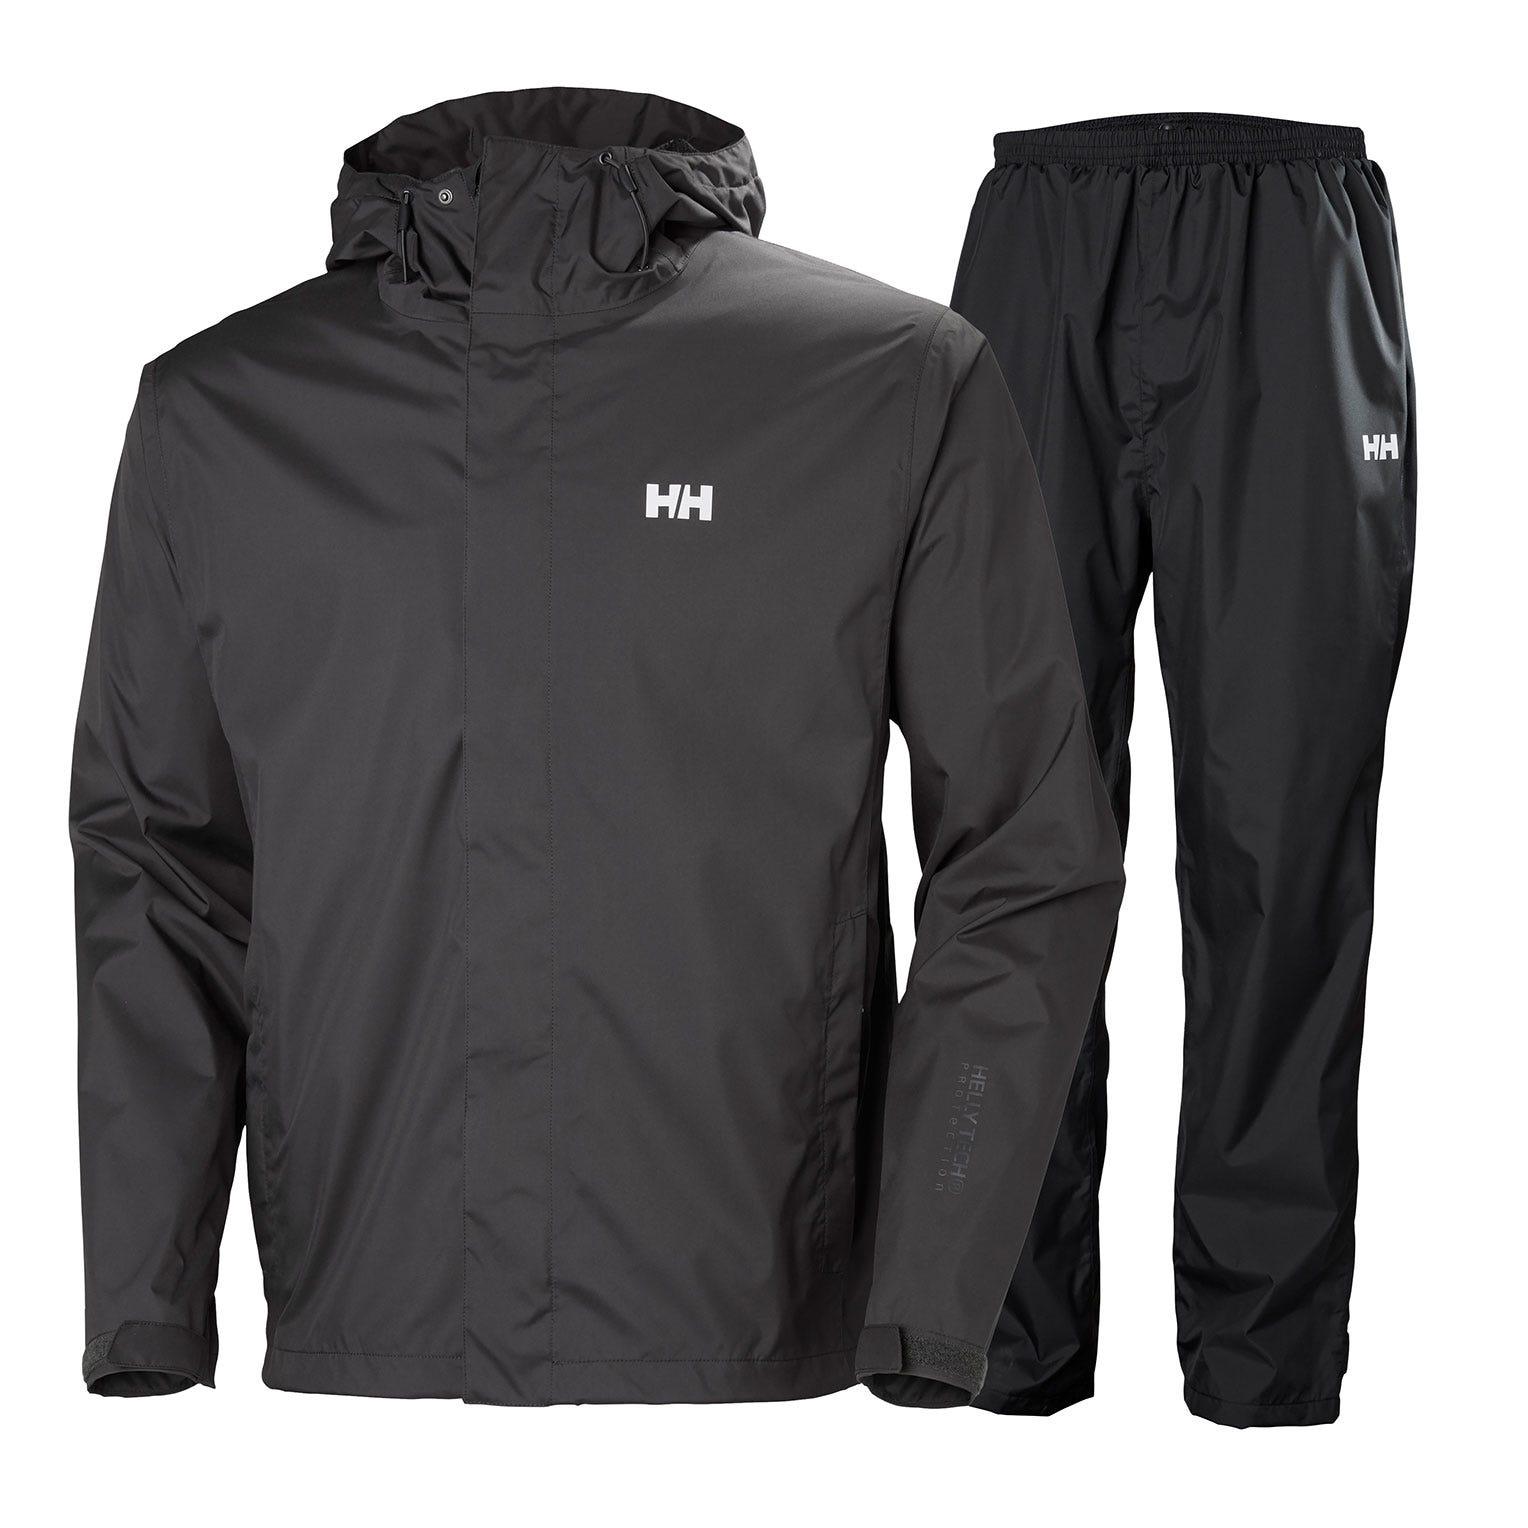 Helly Hansen Portland Rain Set Mens Jacket Black M